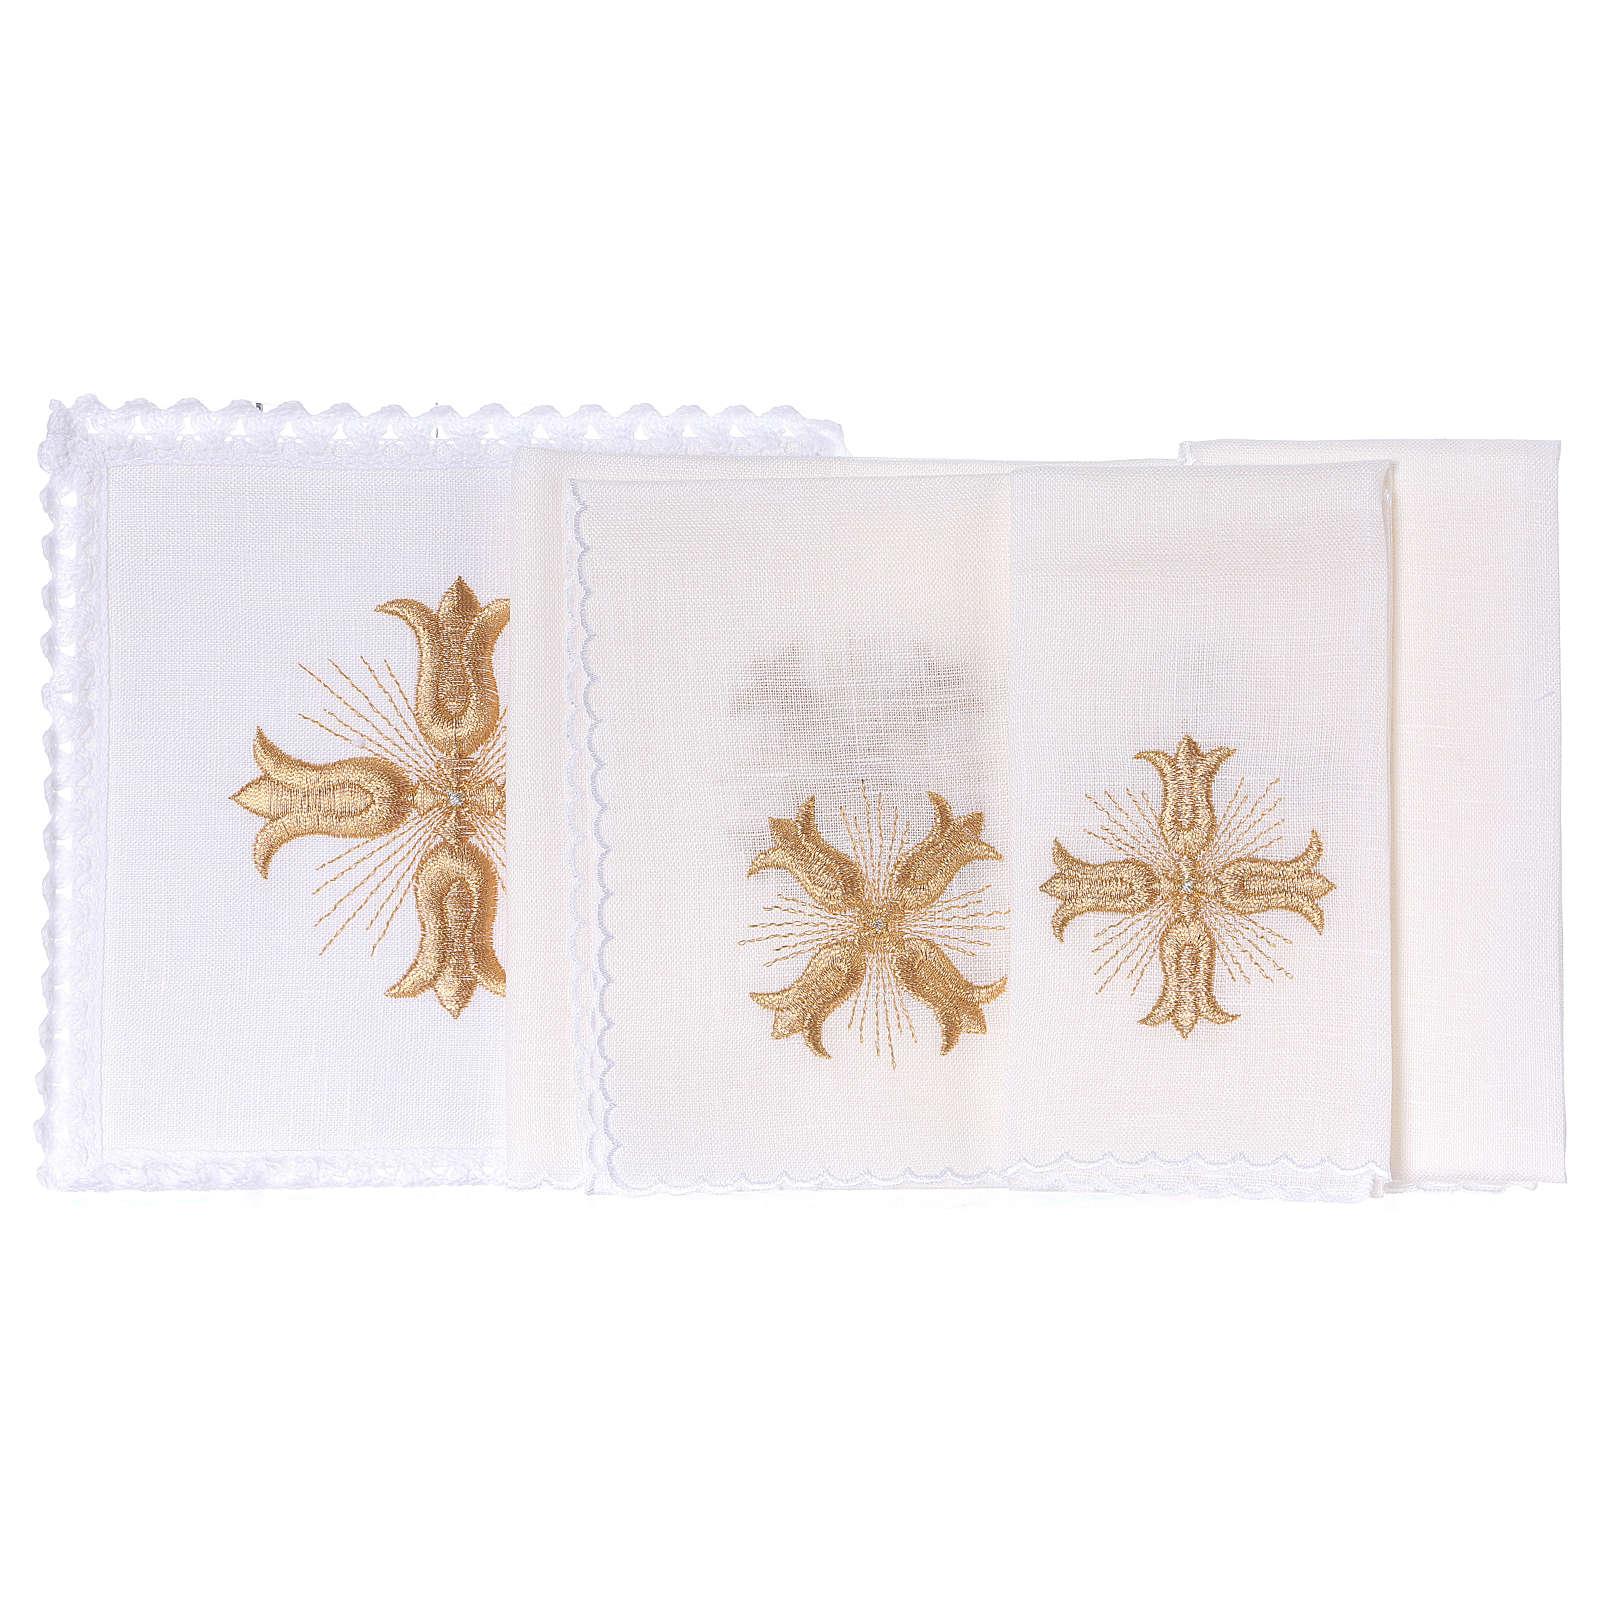 Servicio de altar hilo cruz dorada estilo barroco con rayos 4